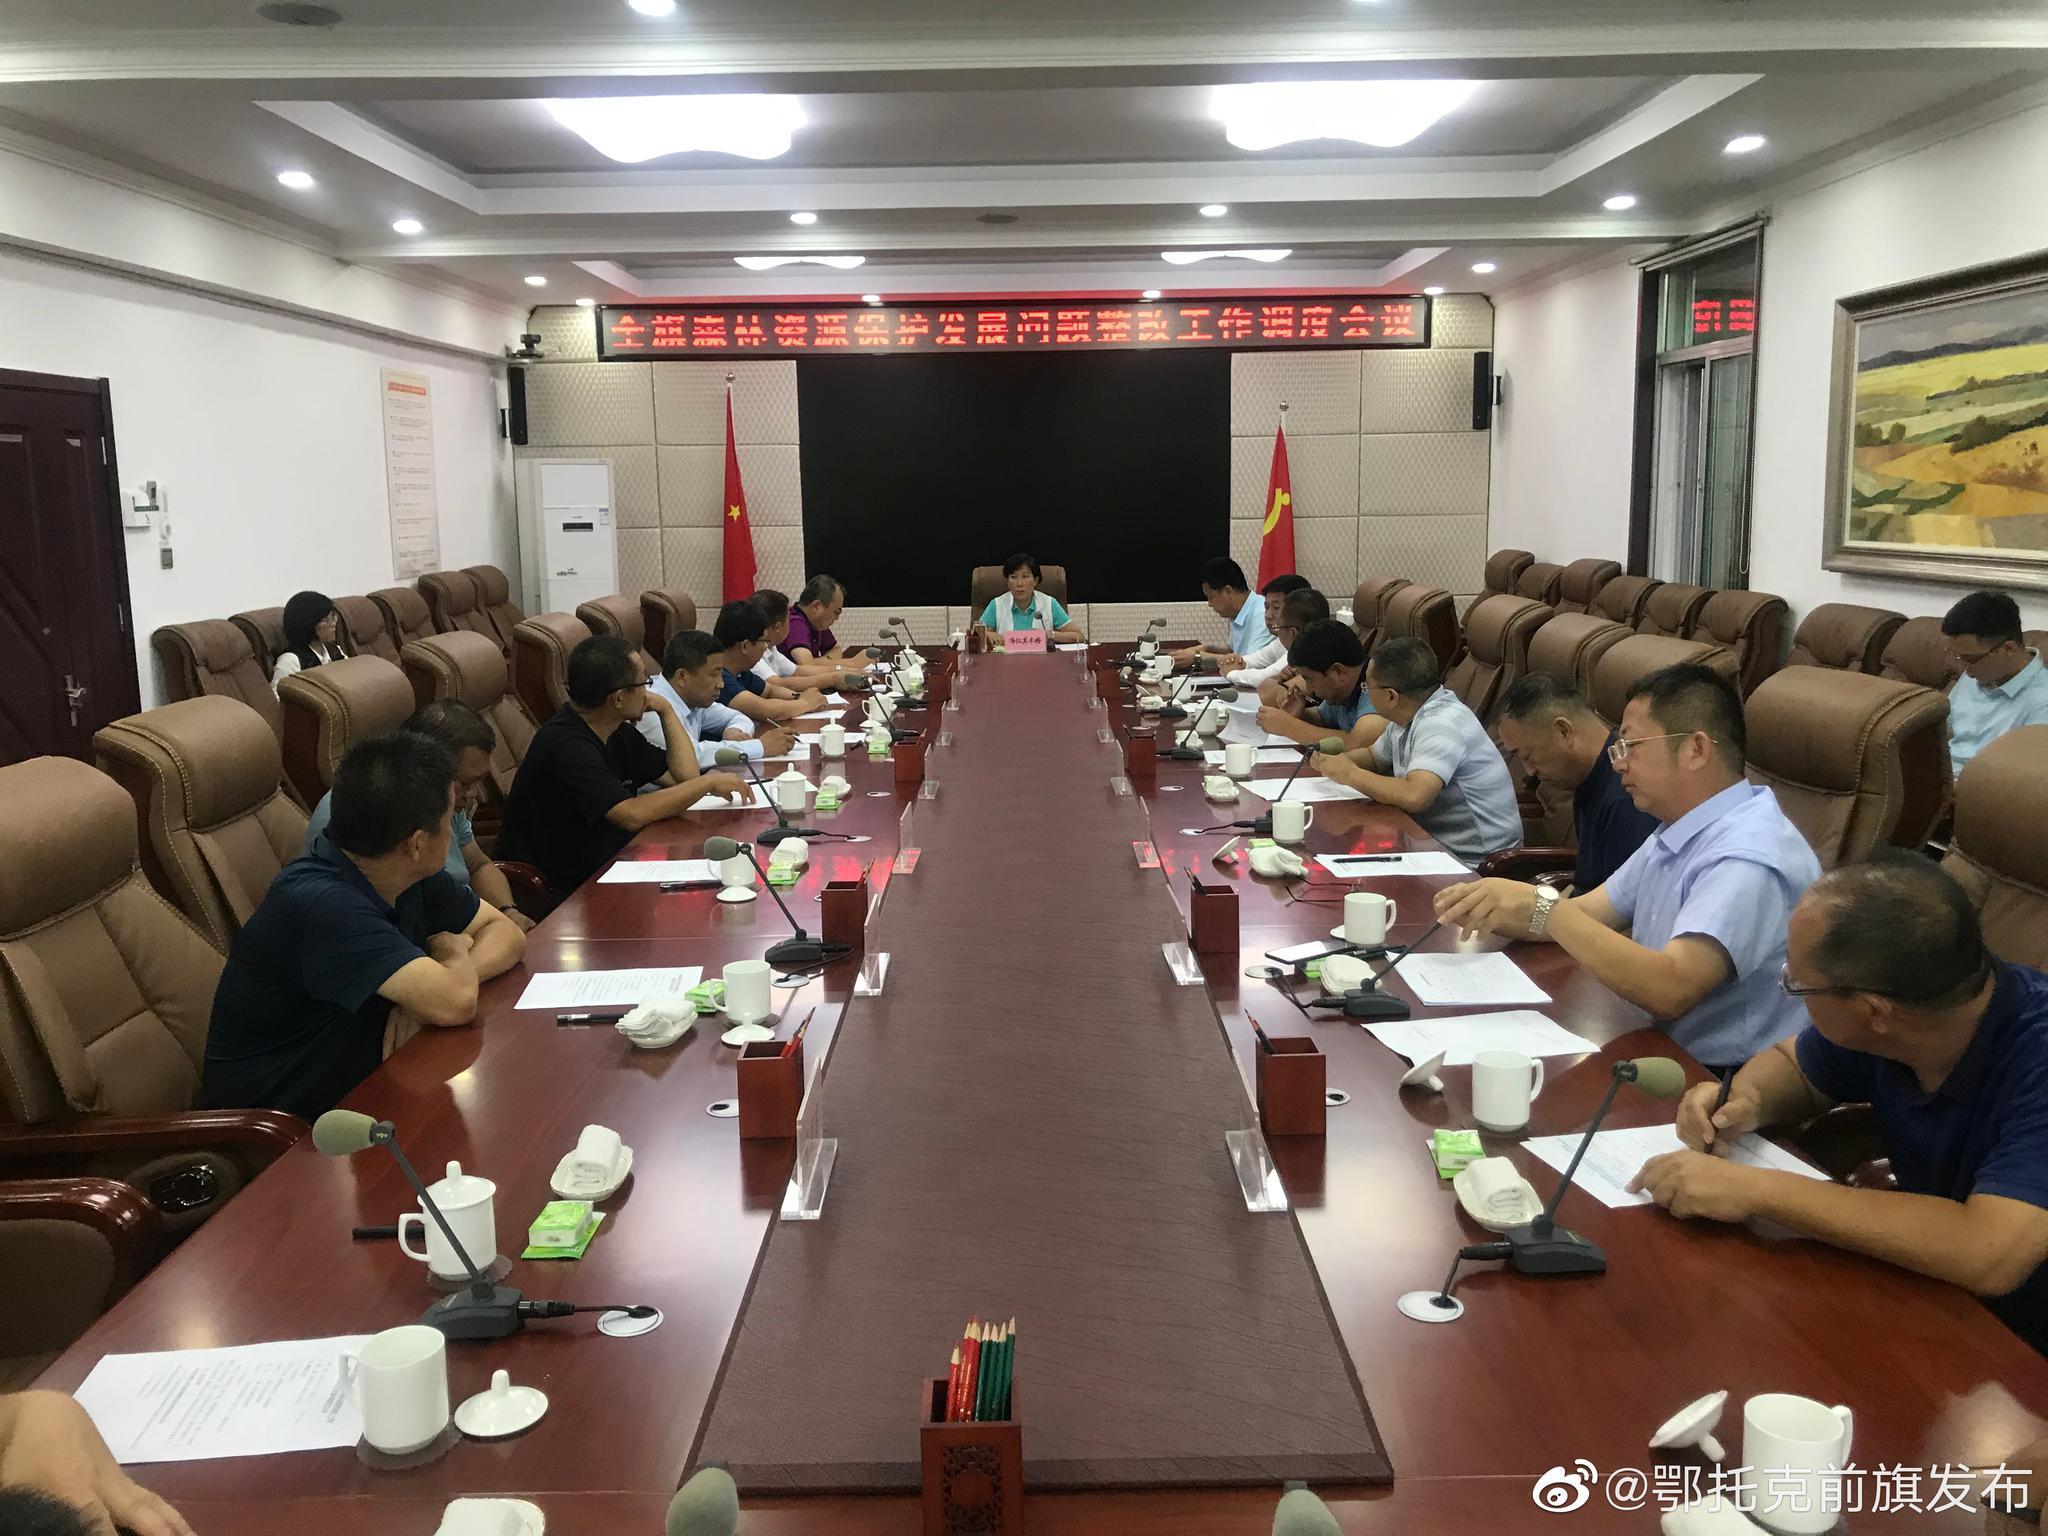 8月20日,全旗森林资源保护发展问题整改工作调度会议召开